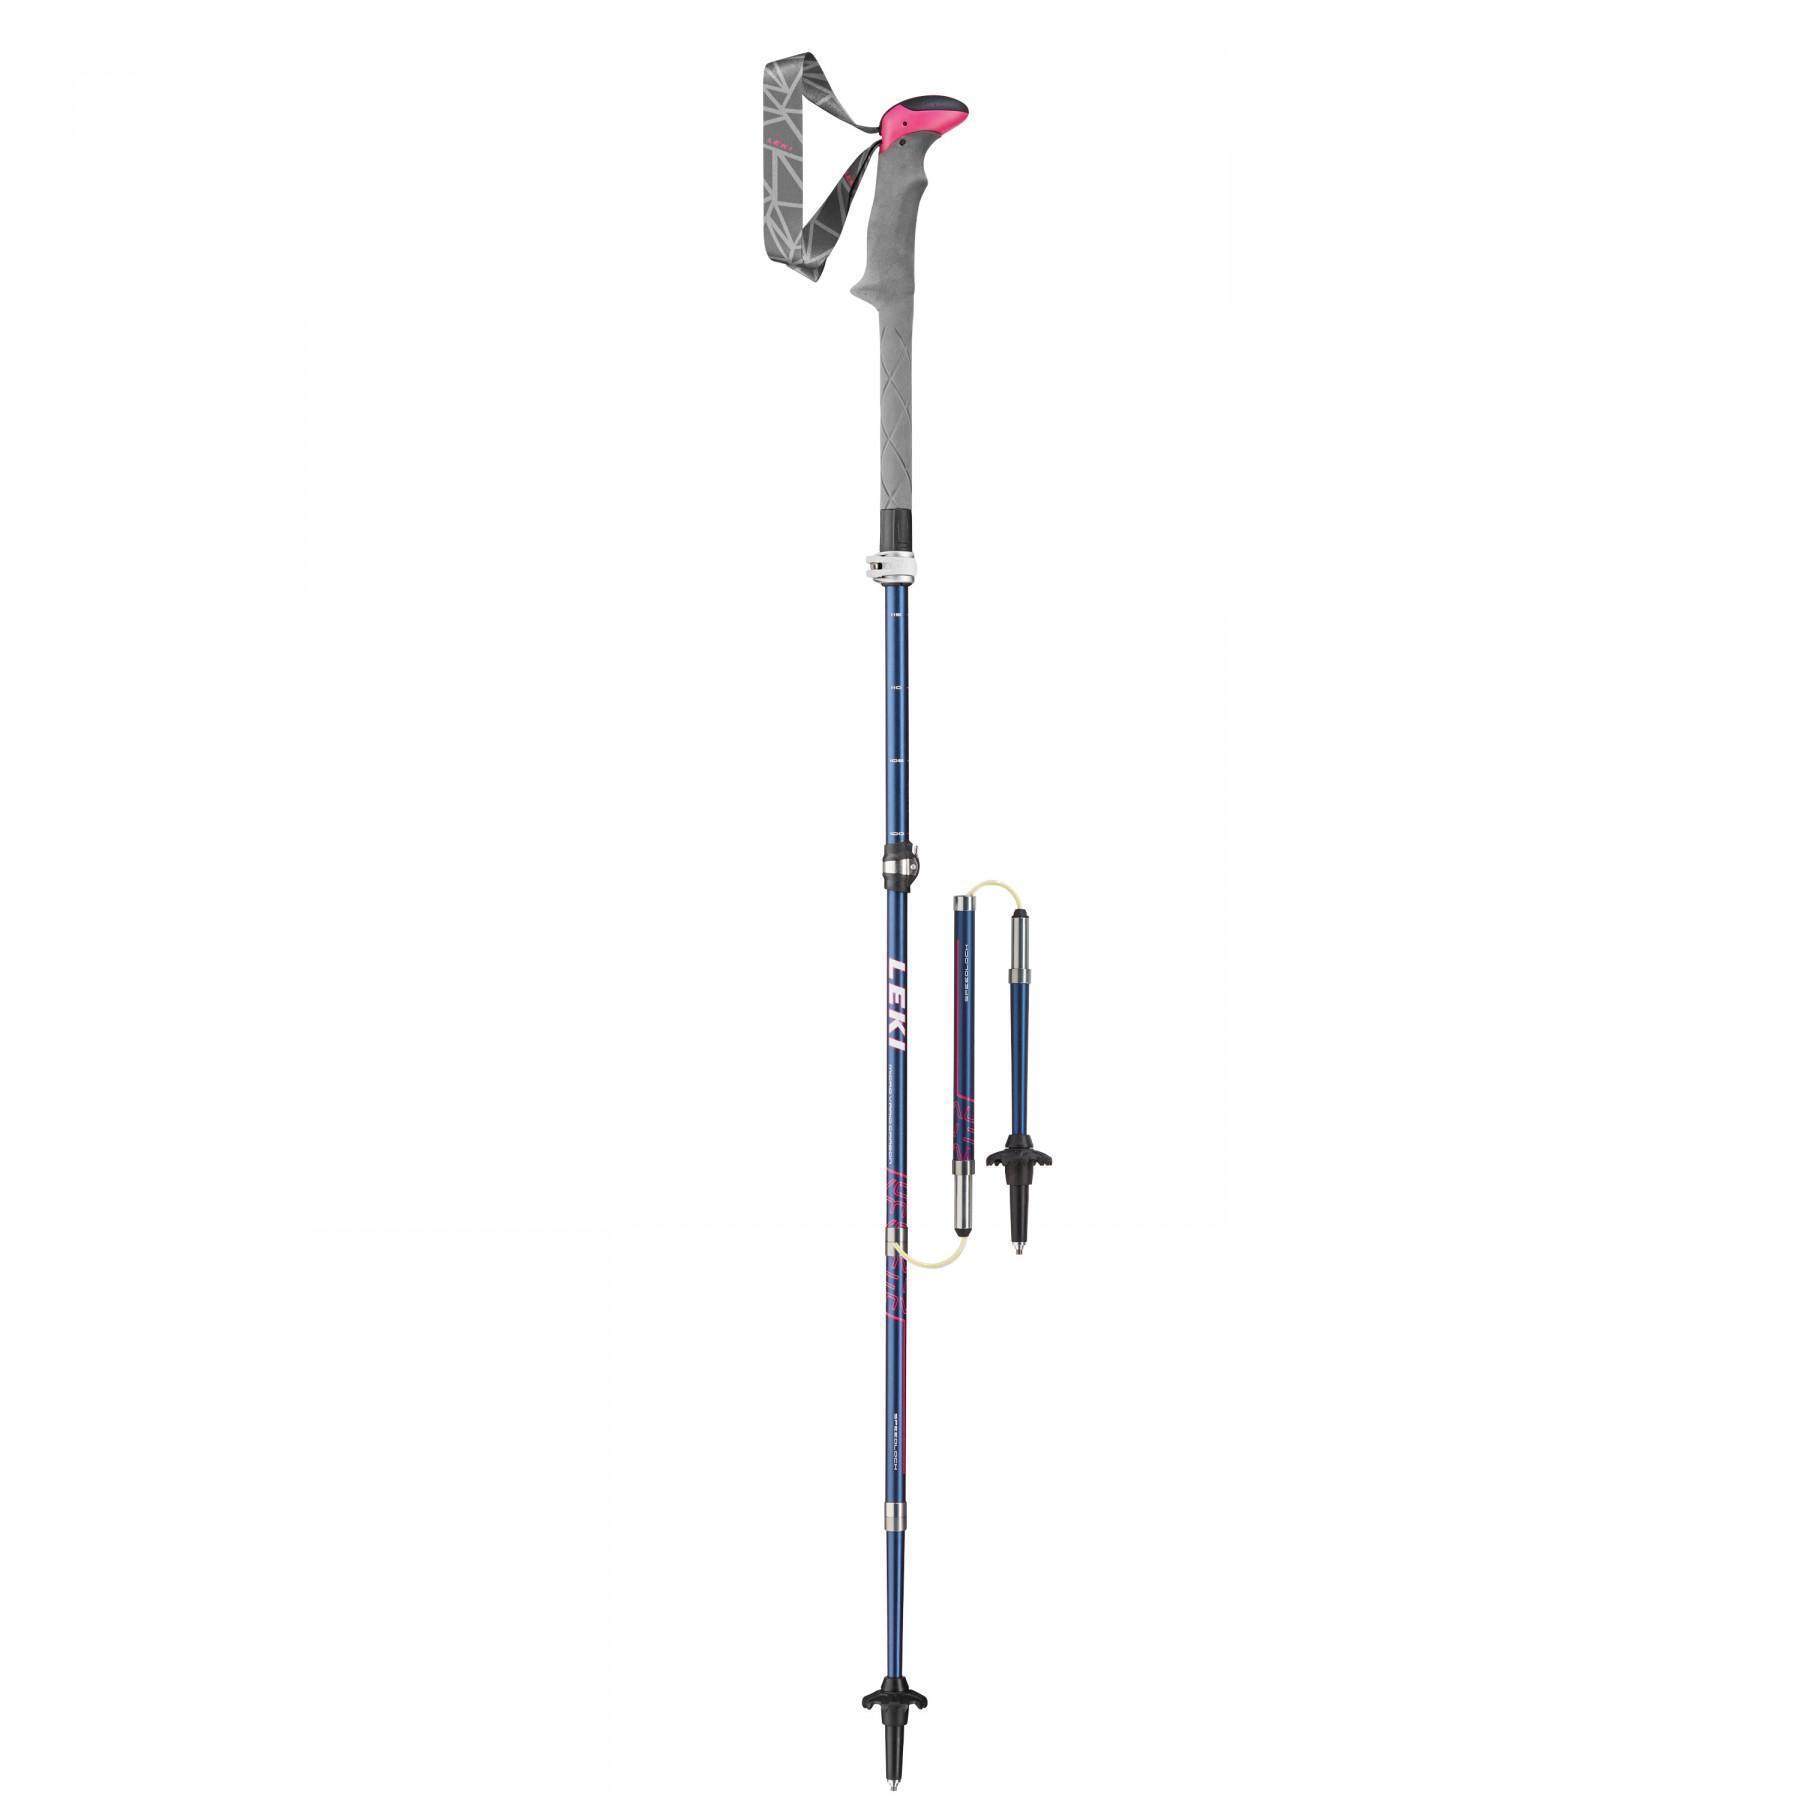 Women's sticks Leki Micro vario carbon